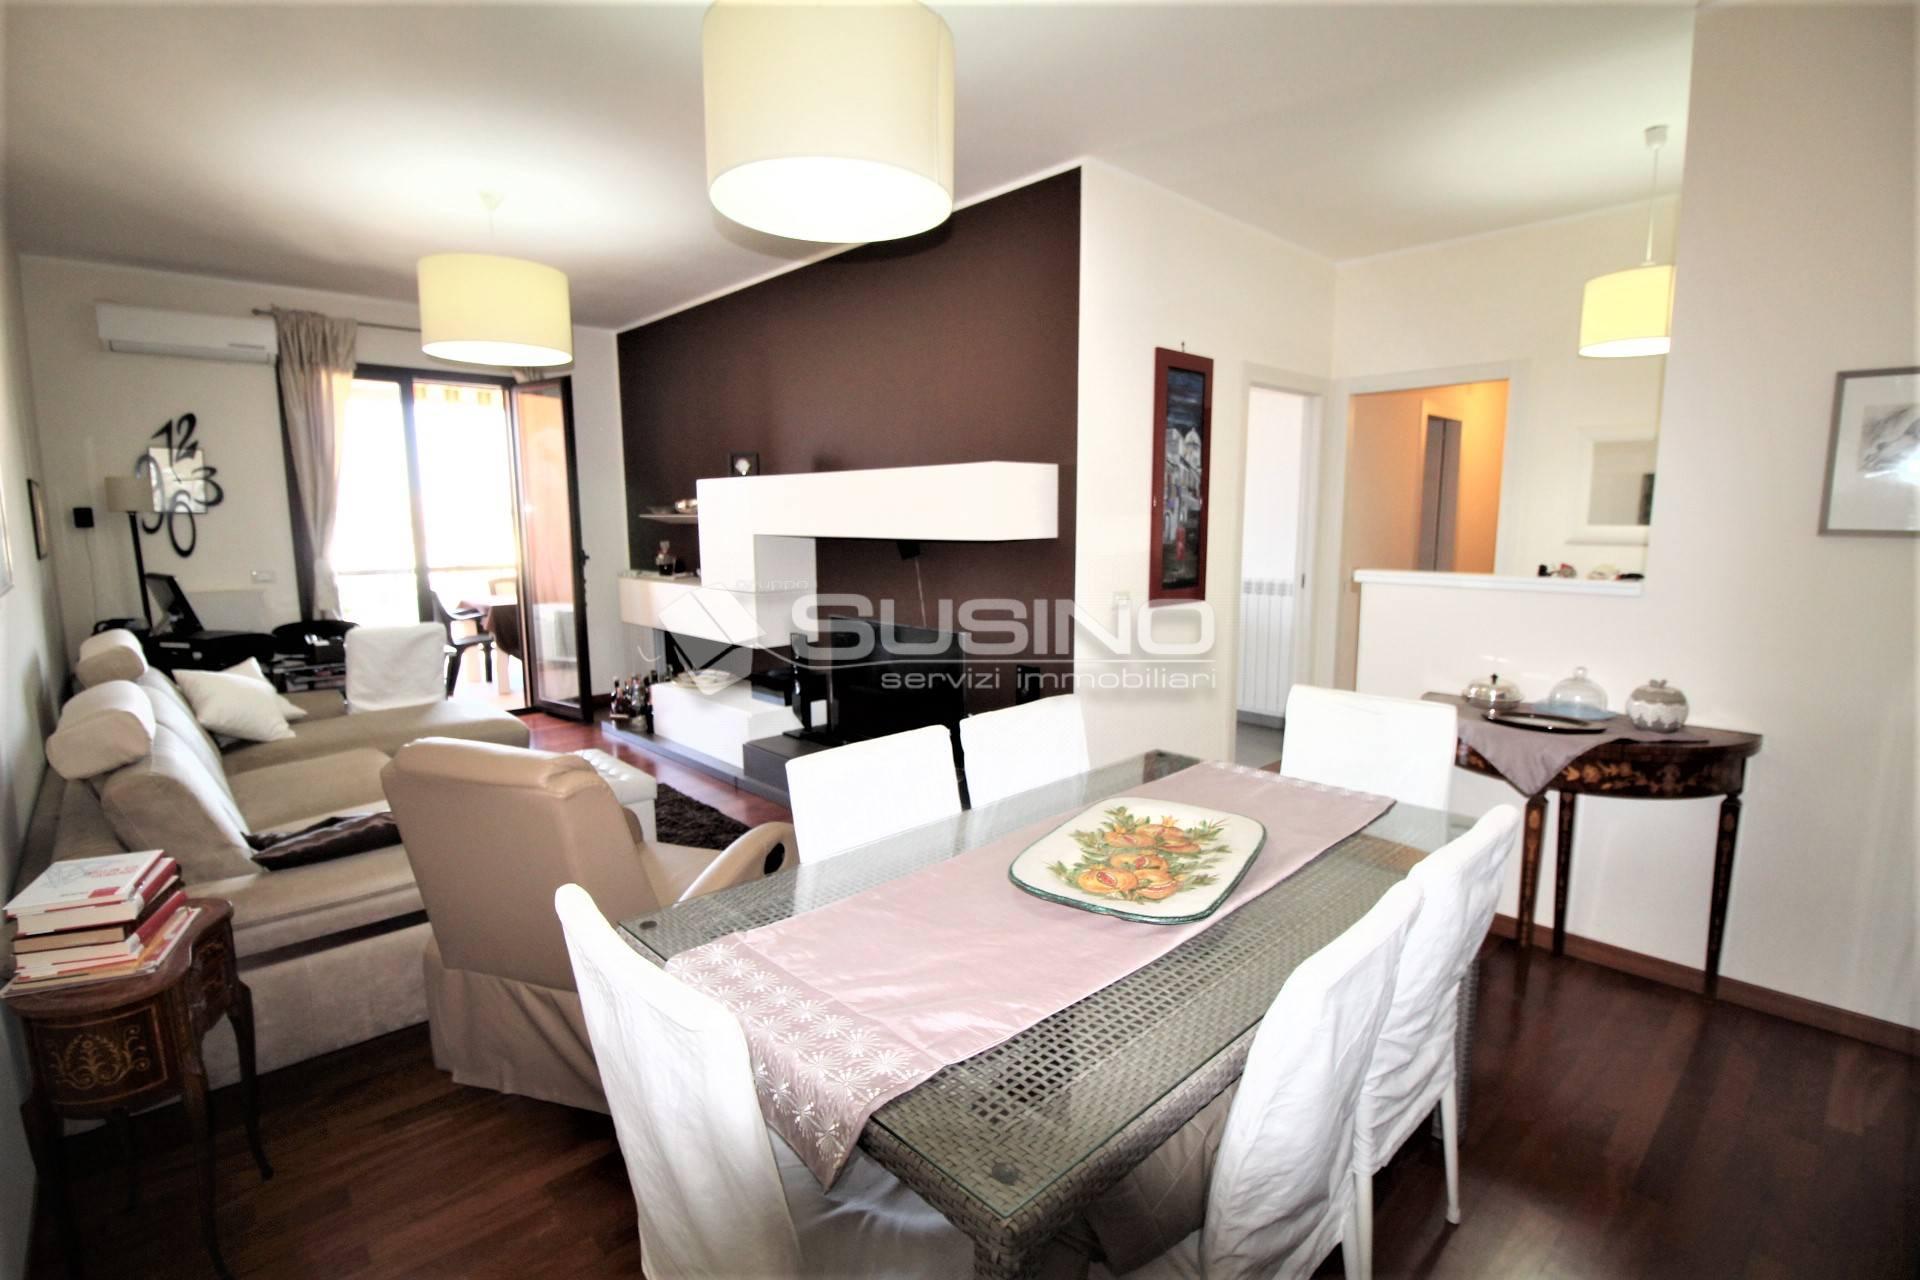 Appartamento in vendita a Siracusa, 3 locali, zona Località: S.aPanagia, prezzo € 180.000 | PortaleAgenzieImmobiliari.it